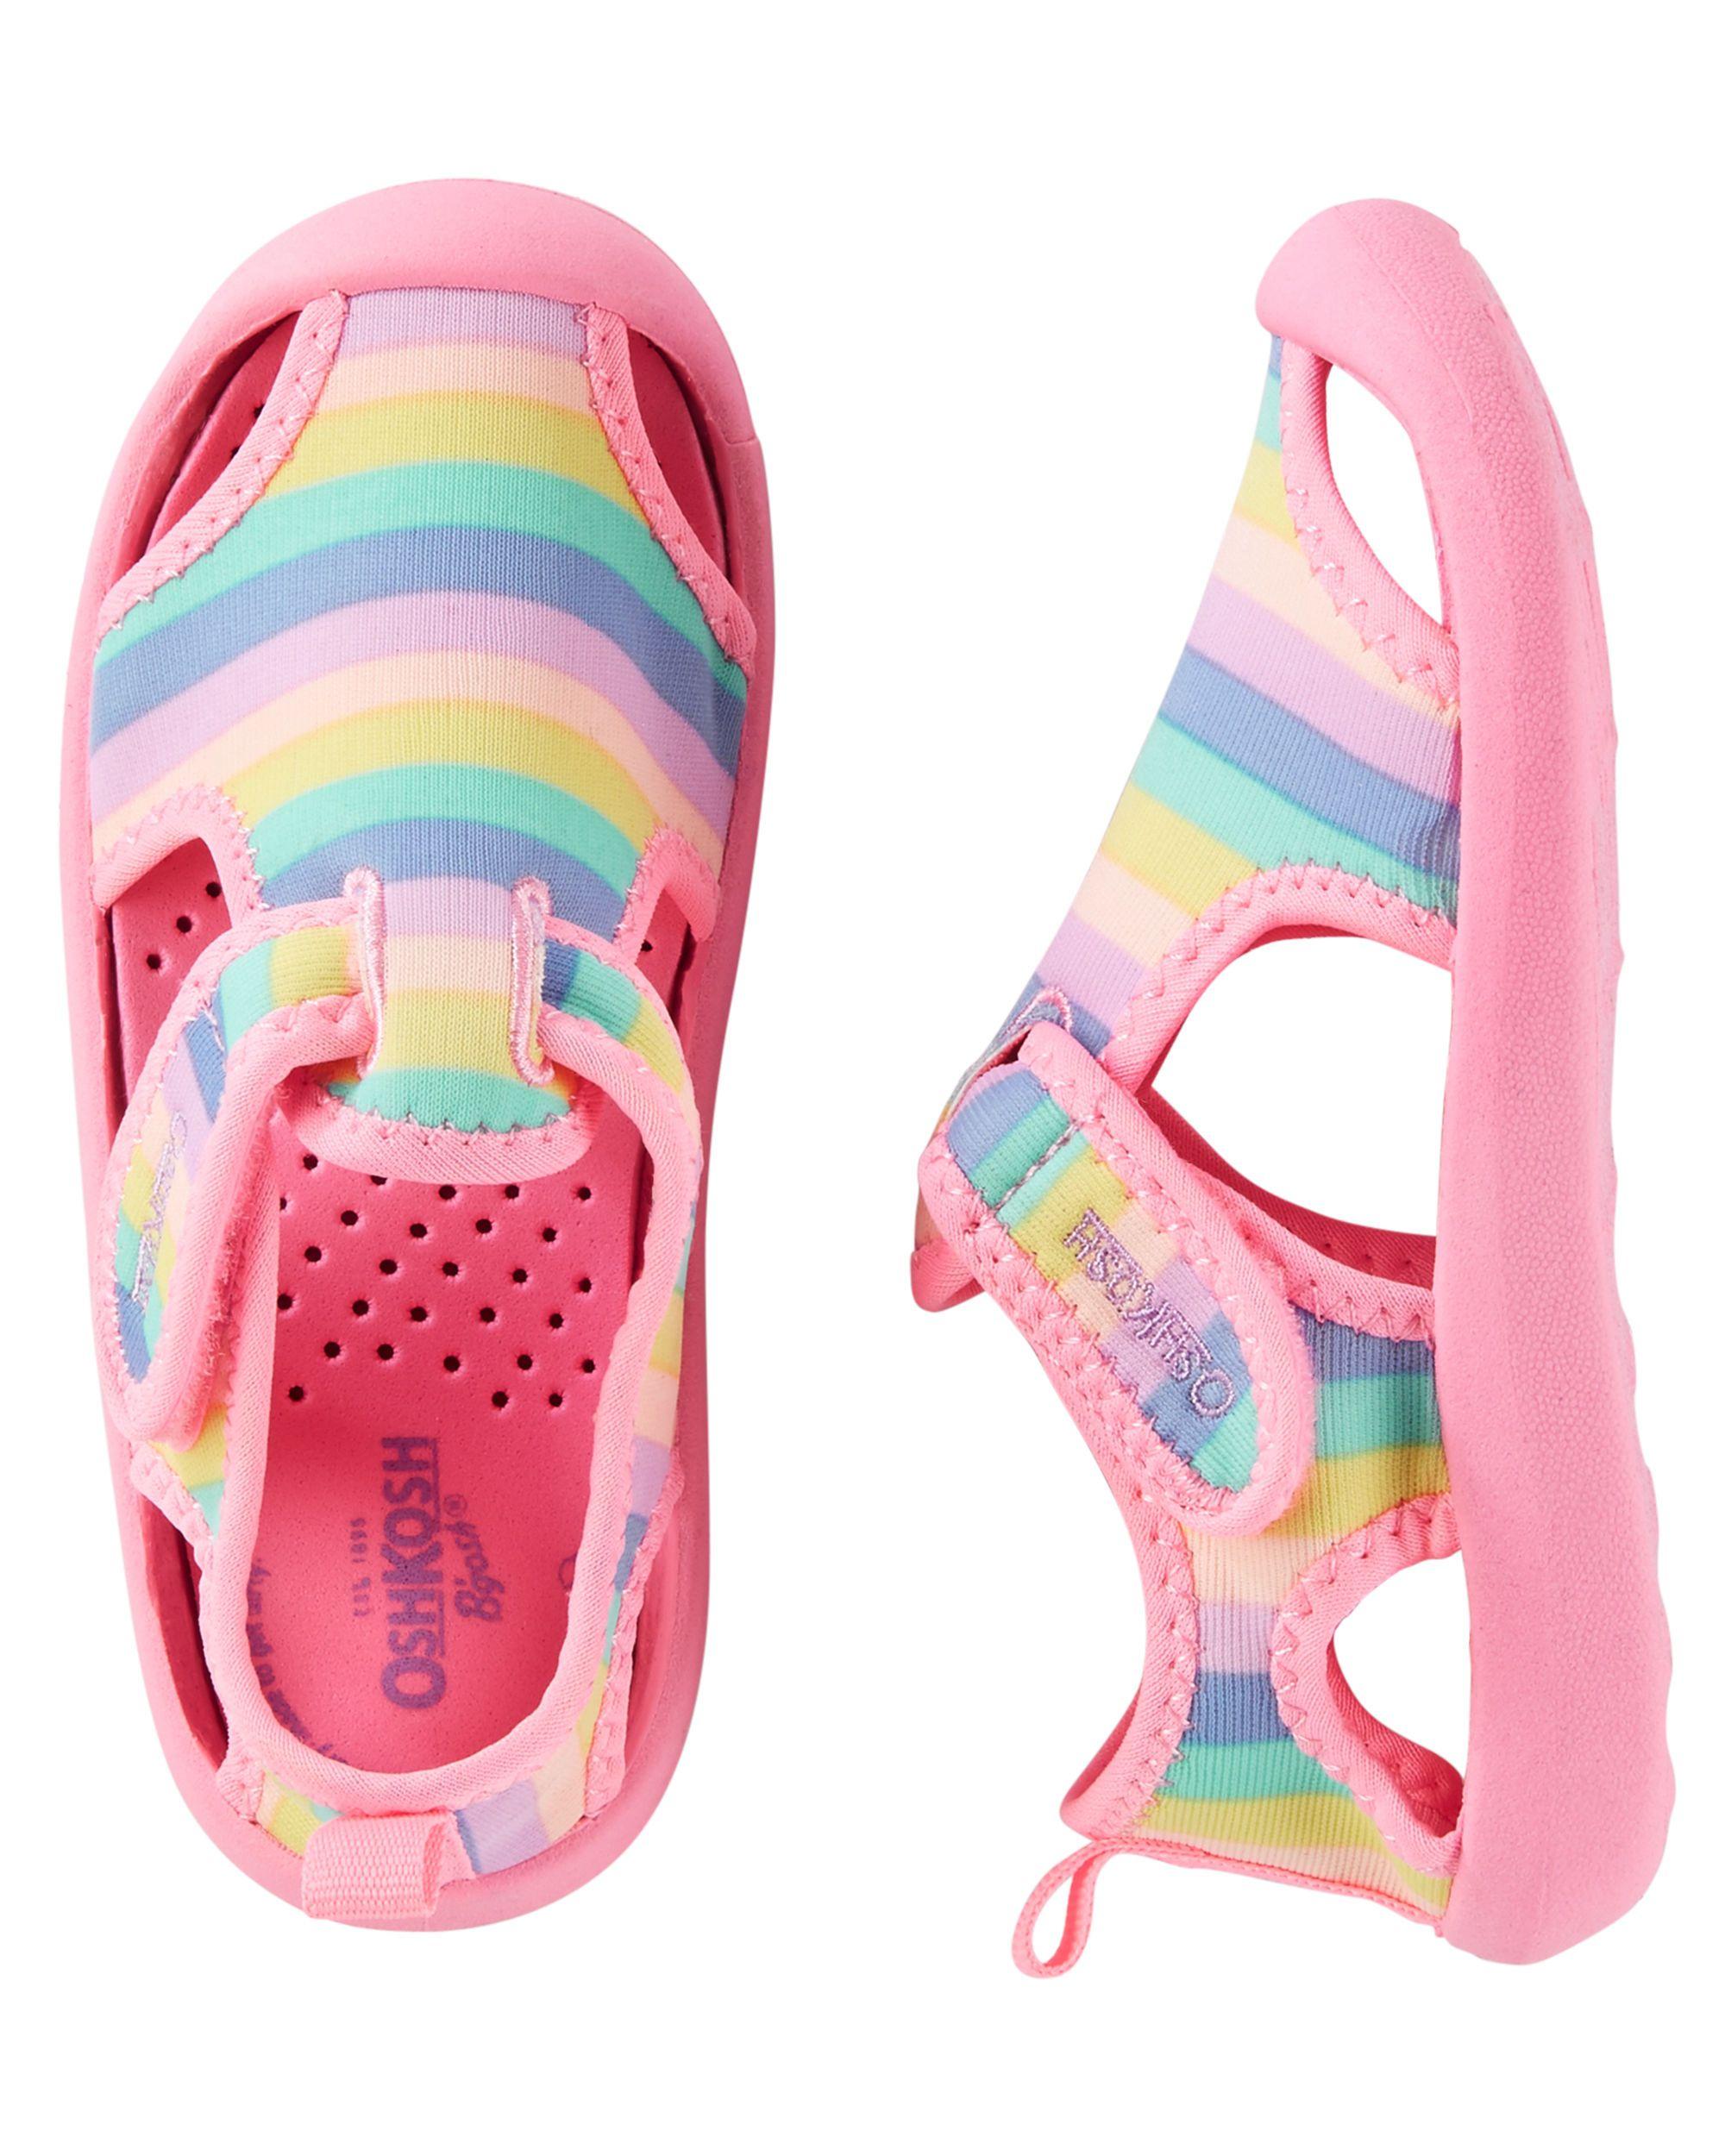 OshKosh Water Shoes | Girls water shoes